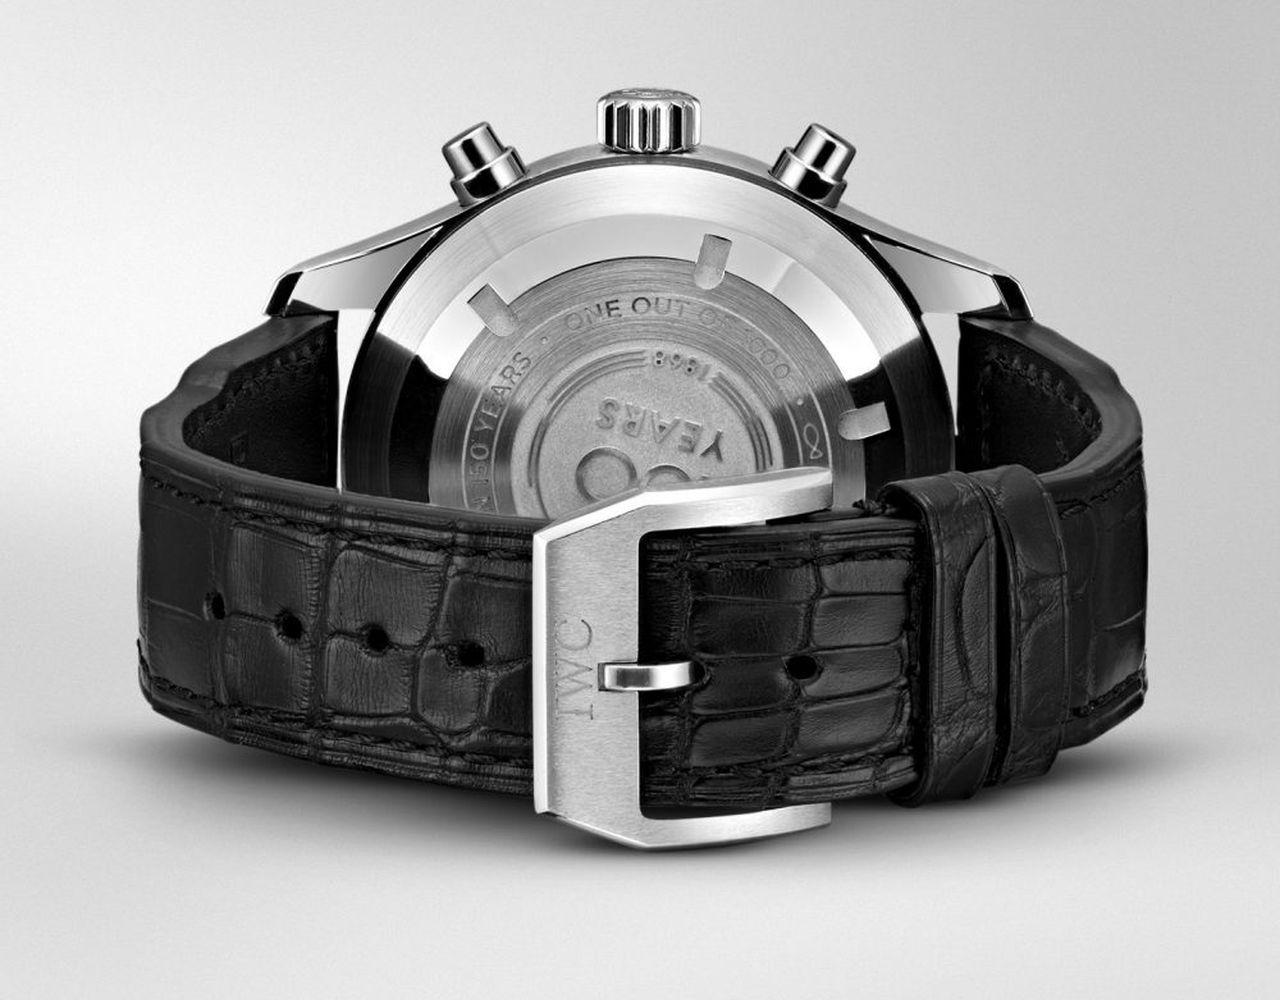 """IWC Pilot's Watch Chronograph Edition """"150 Years"""" - hátul jubileumi modelleknél jellemzően előforduló szokásos infók"""